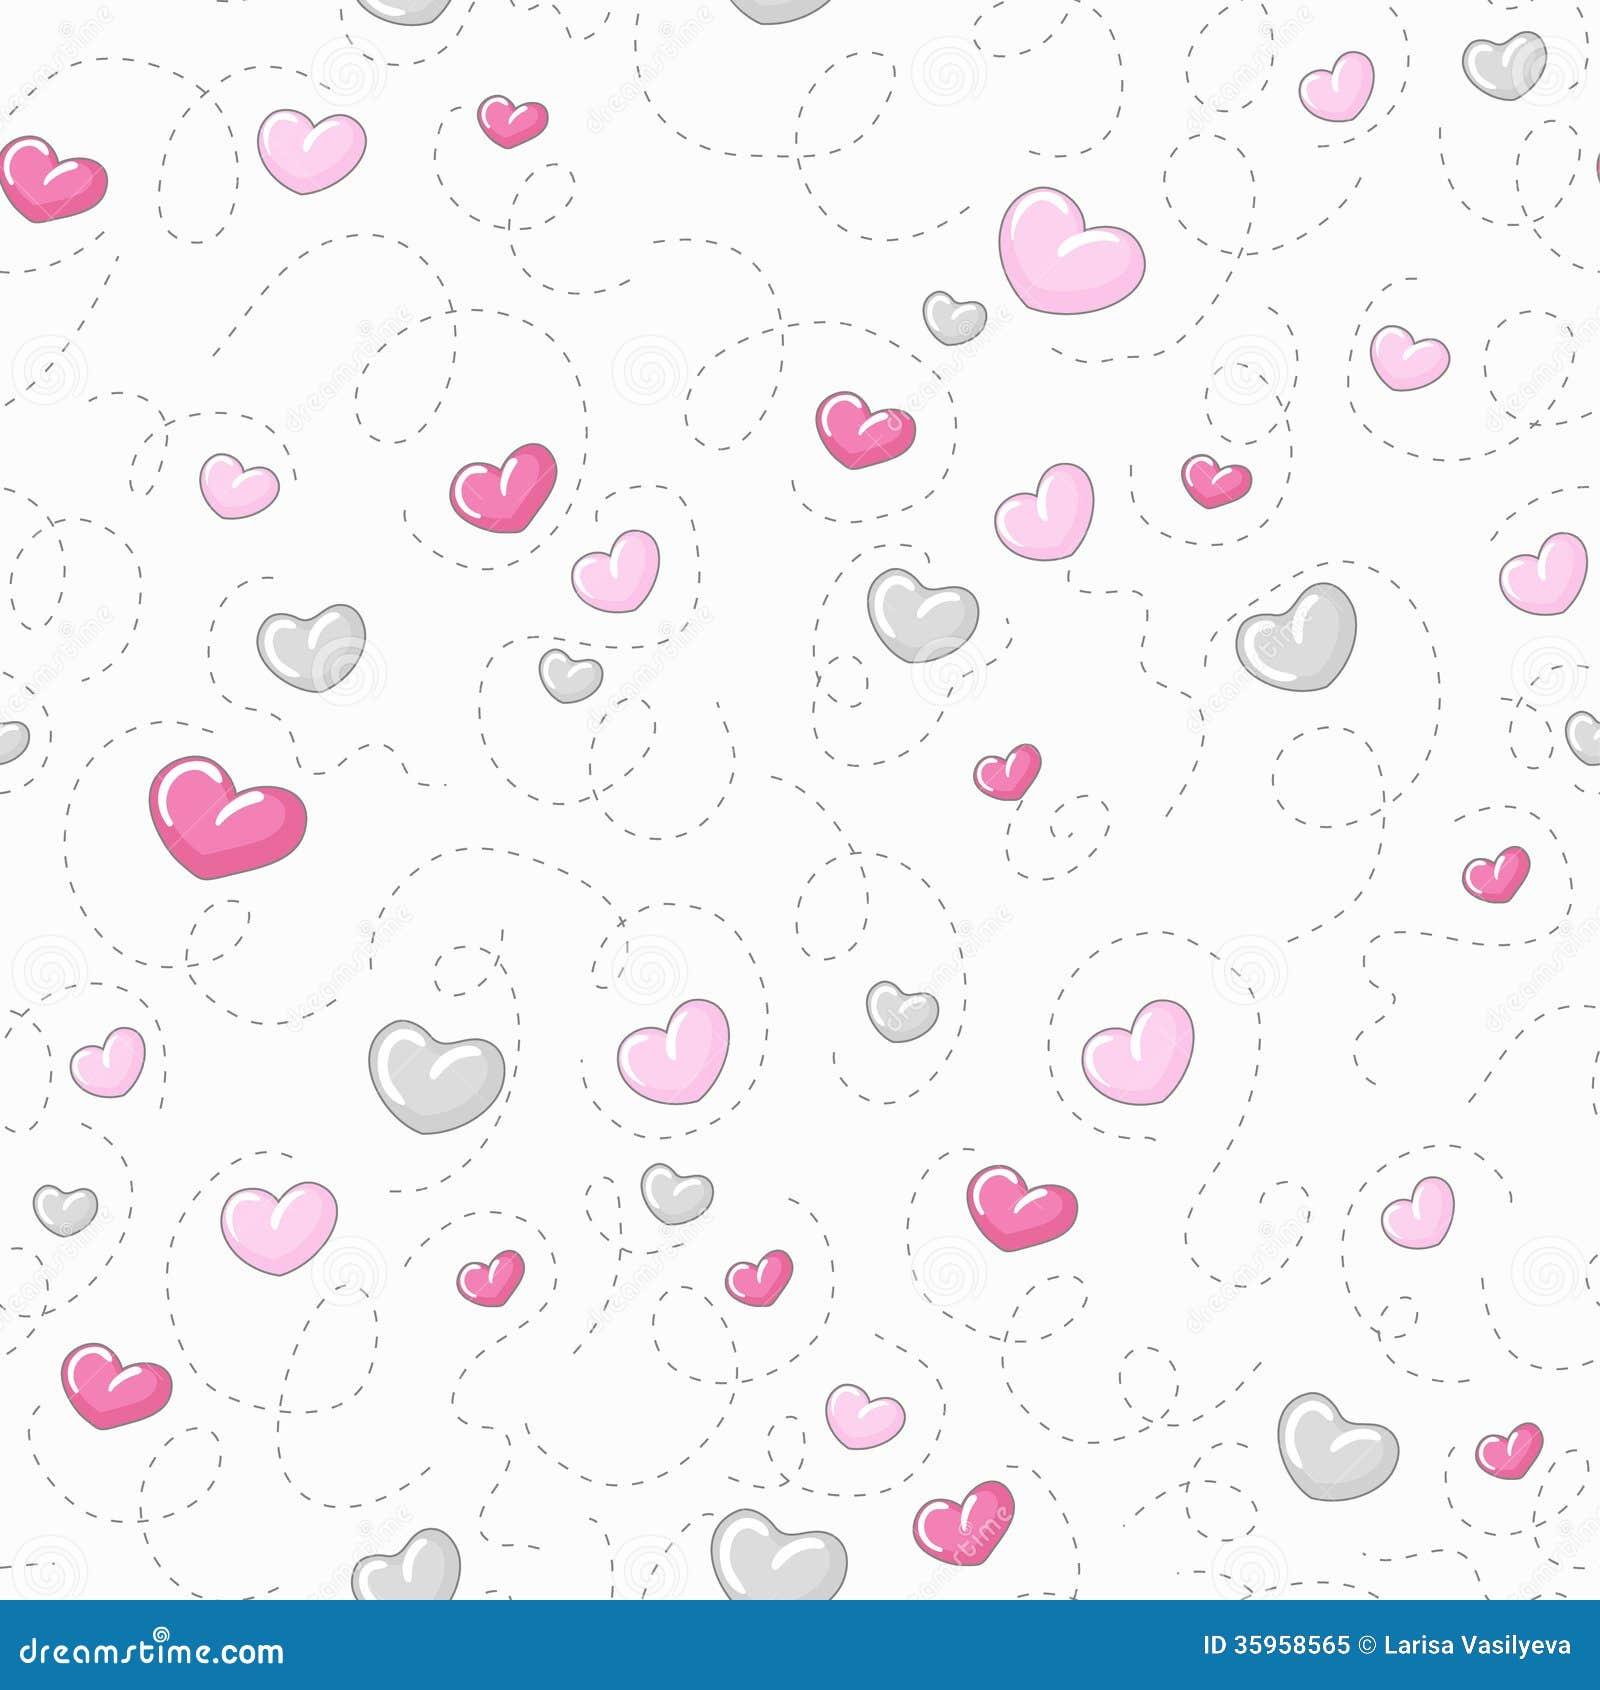 cute heart pattern wallpaper - photo #24